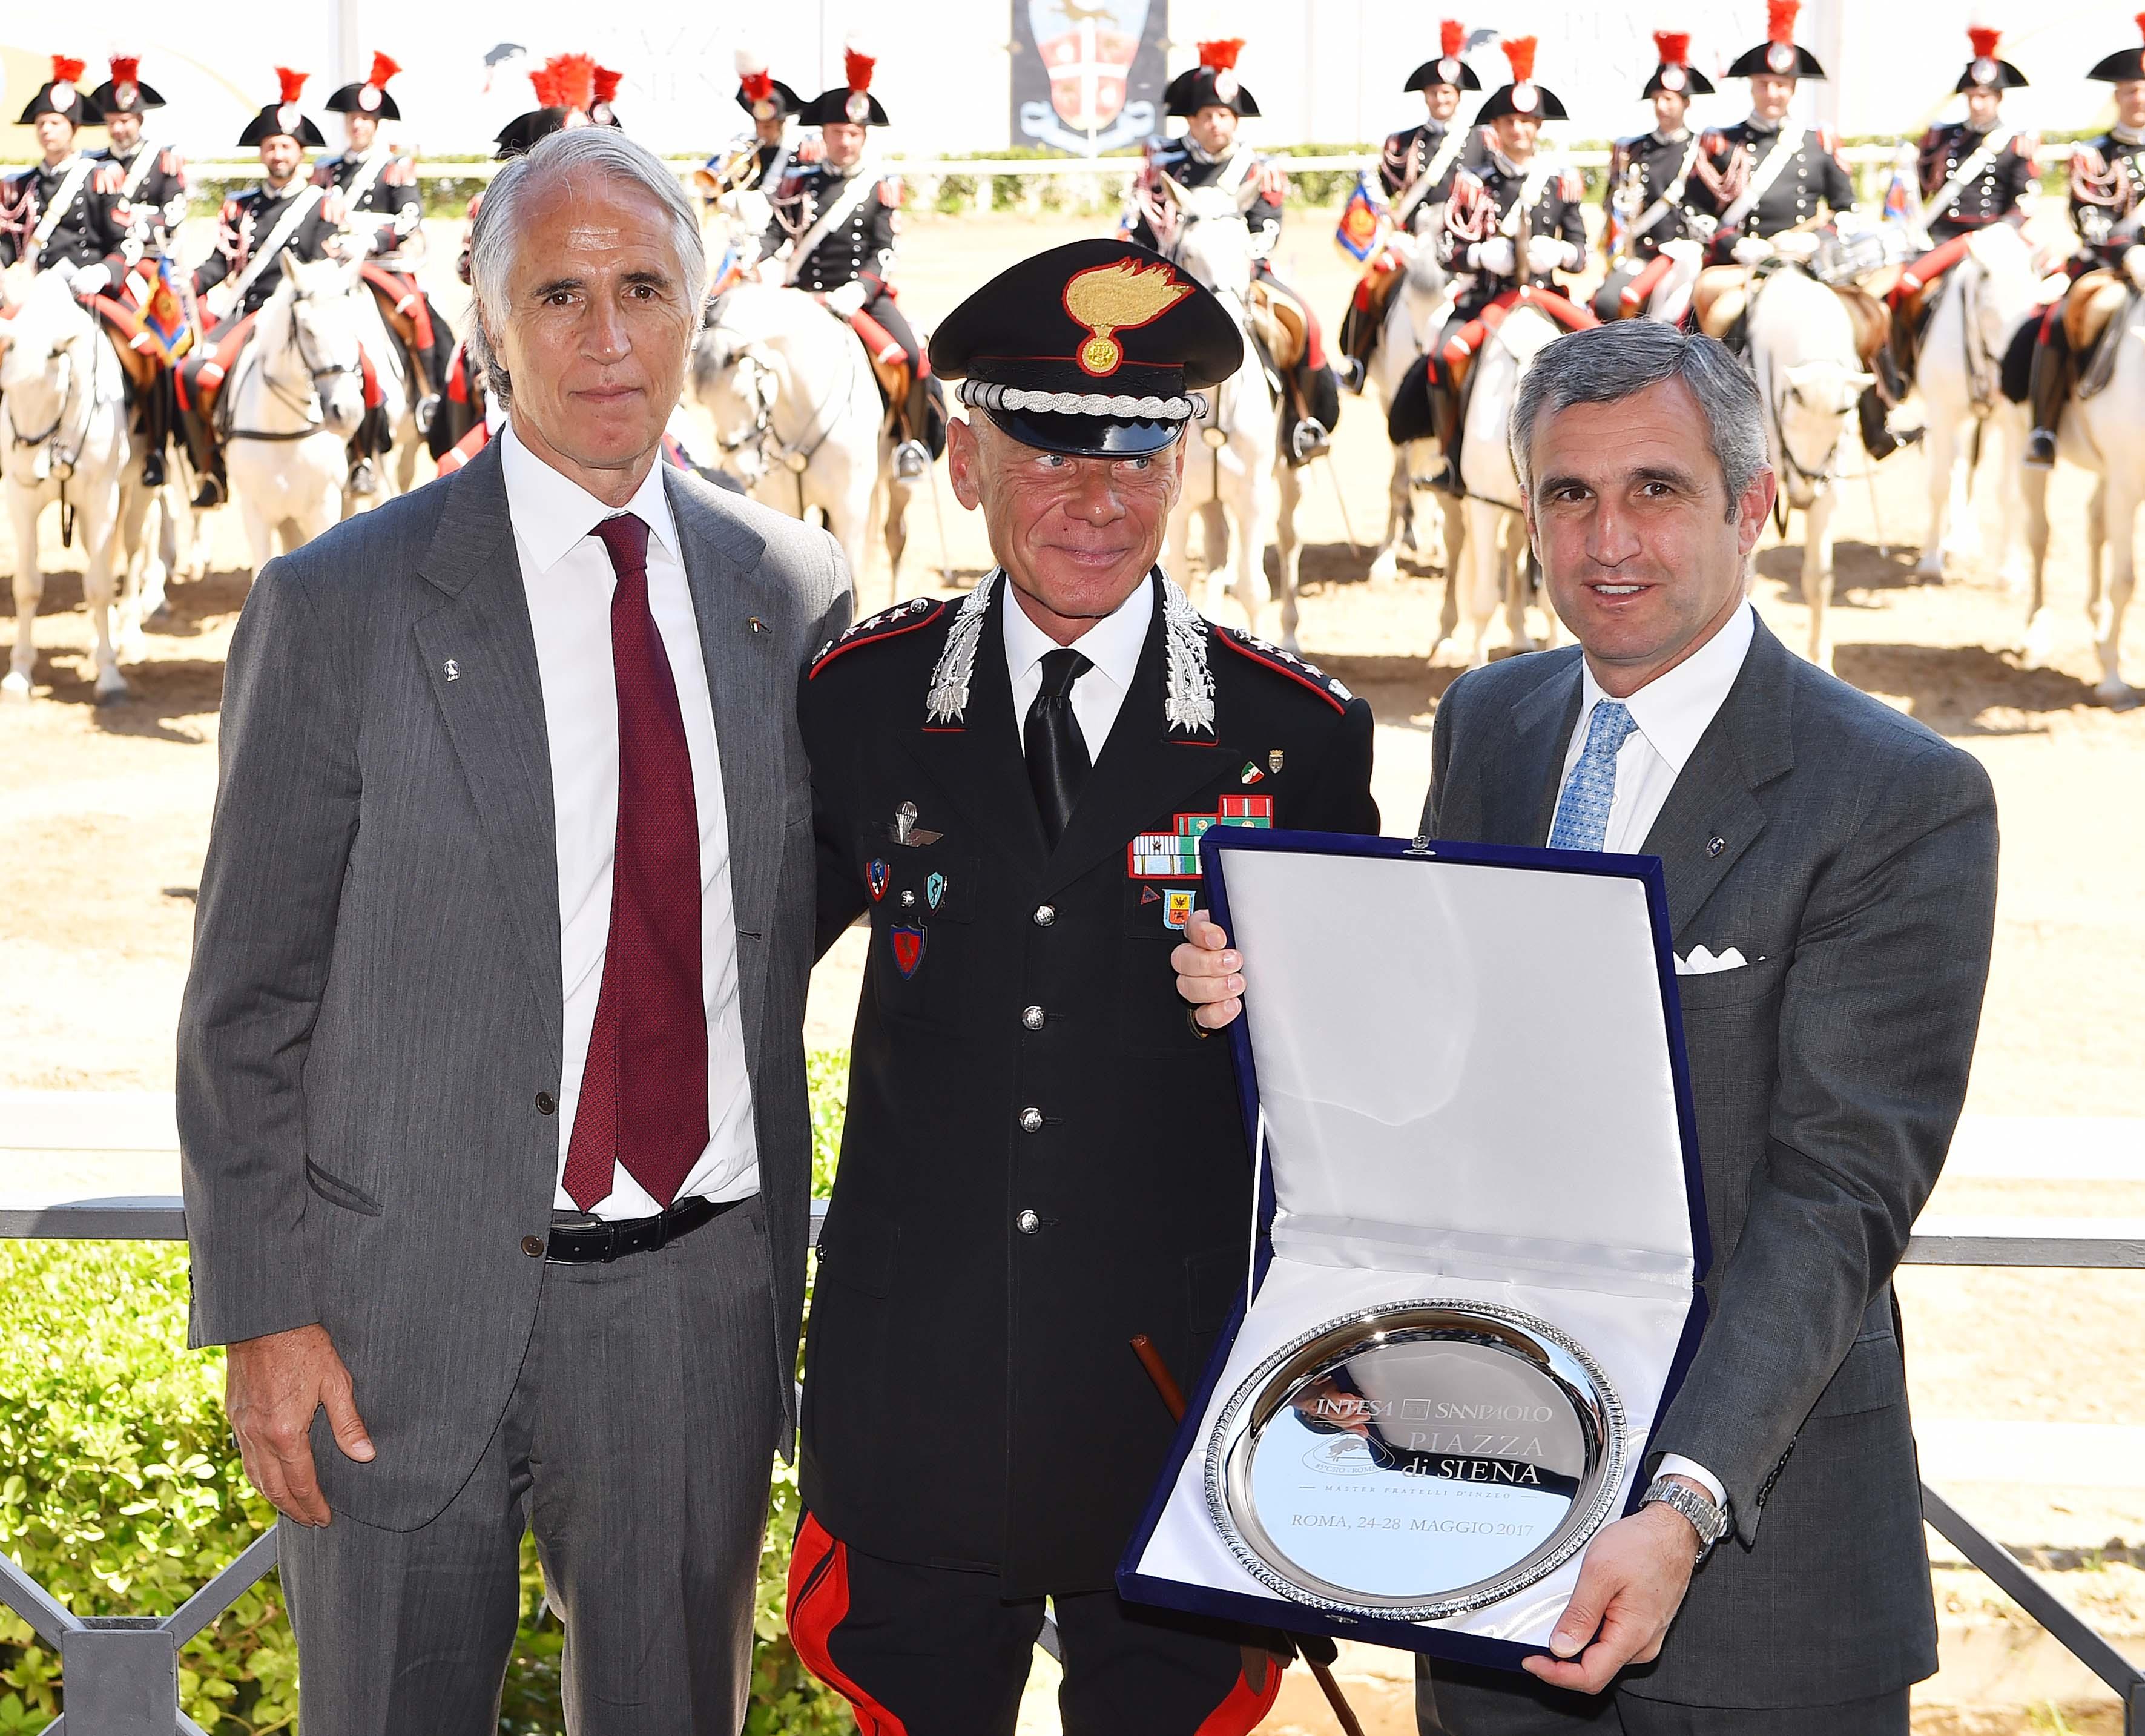 170503034 Piazza Di Siena Conf - Foto Simone Ferraro